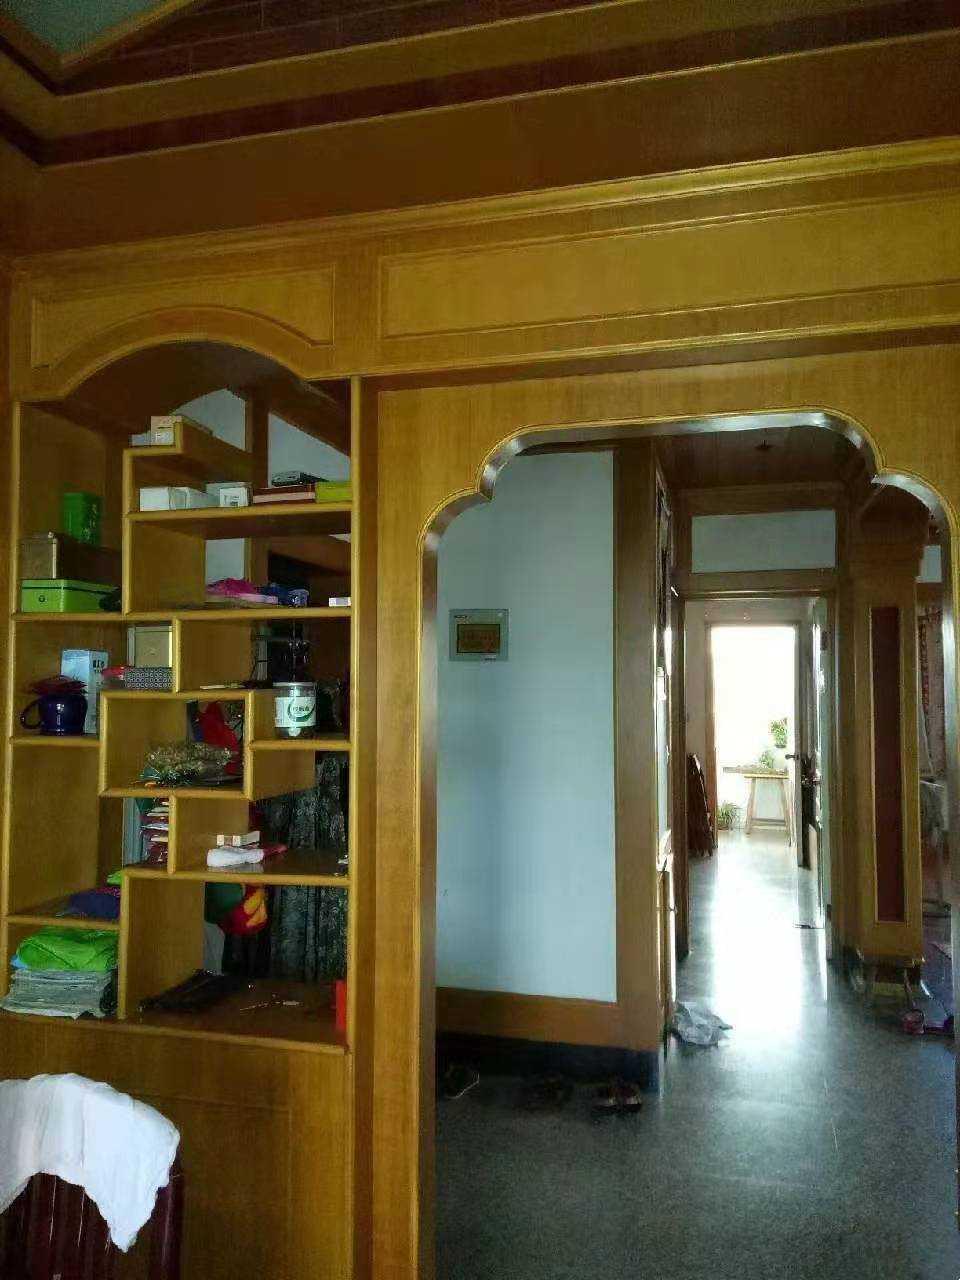 12101江滨西路5/6楼,面积105平方,西边套,3室2厅1卫,精装修,送车棚一间8平方,售价68.8万